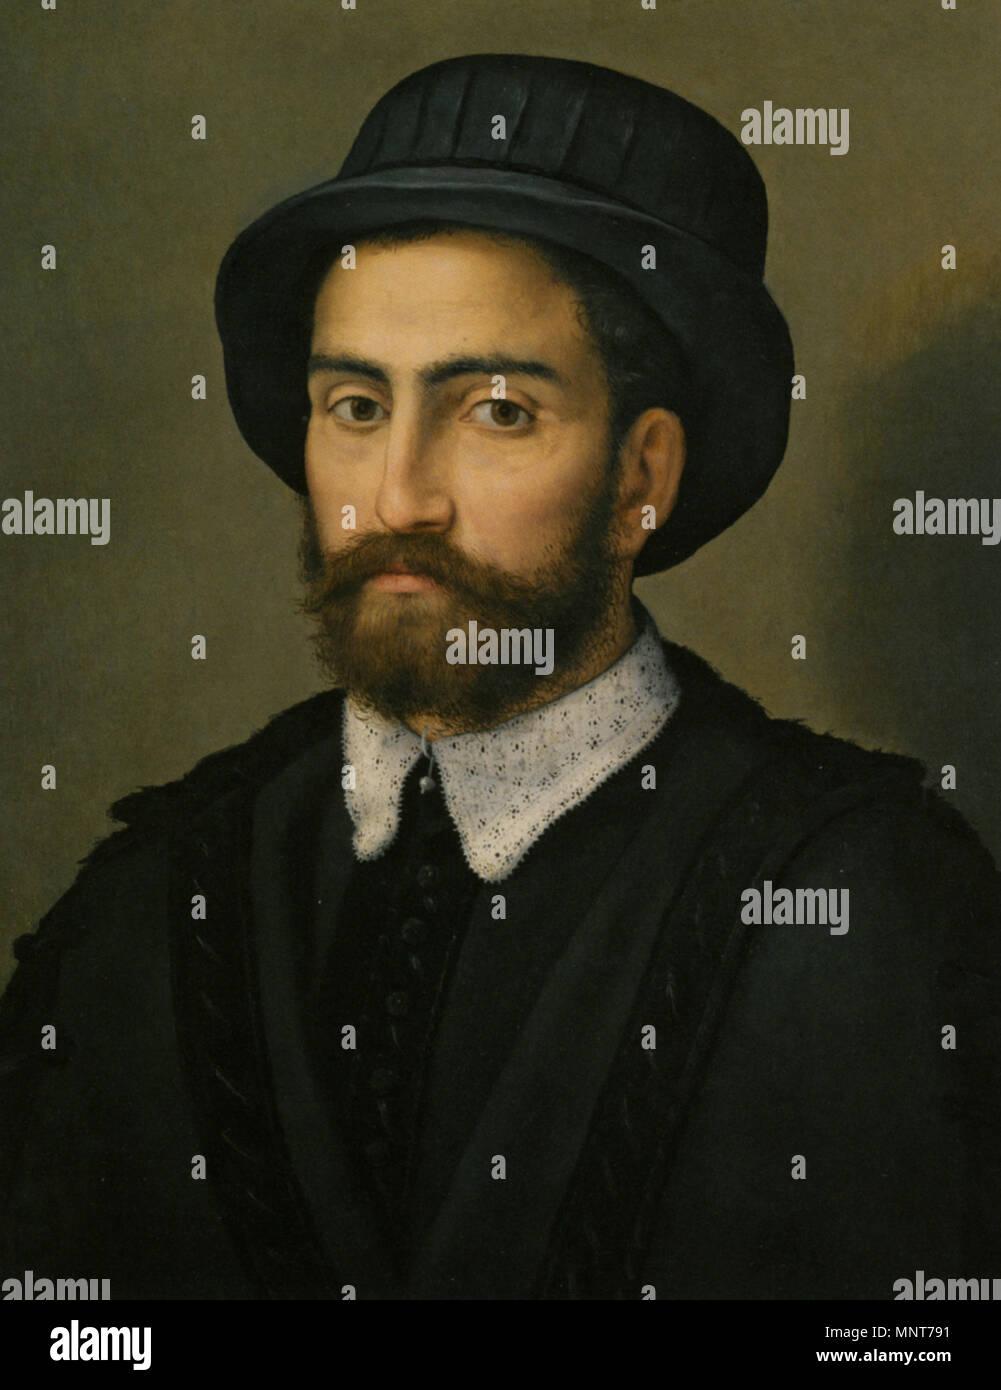 3e34ee480f798e ritratto-di-un-uomo -busto-lunghezza-che-indossa-un-mantello-nero-e-cappello-del-xvi-secolo-985-pier-francesco-foschi-ritratto-di-nazioni-unite-busto- uomo- ...